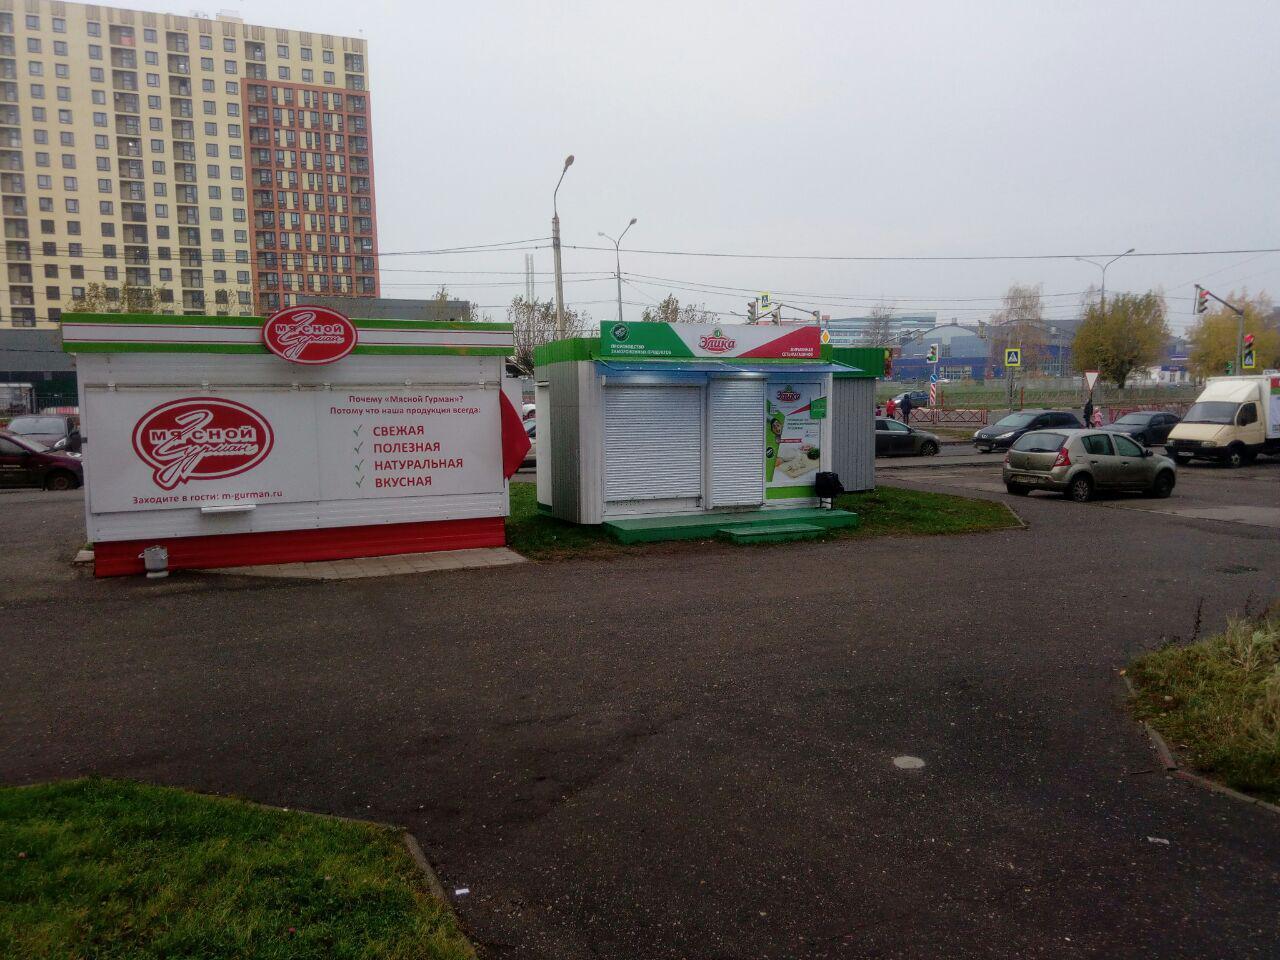 Мэрия Ярославля борется с незаконными ларьками на землях ТСЖ